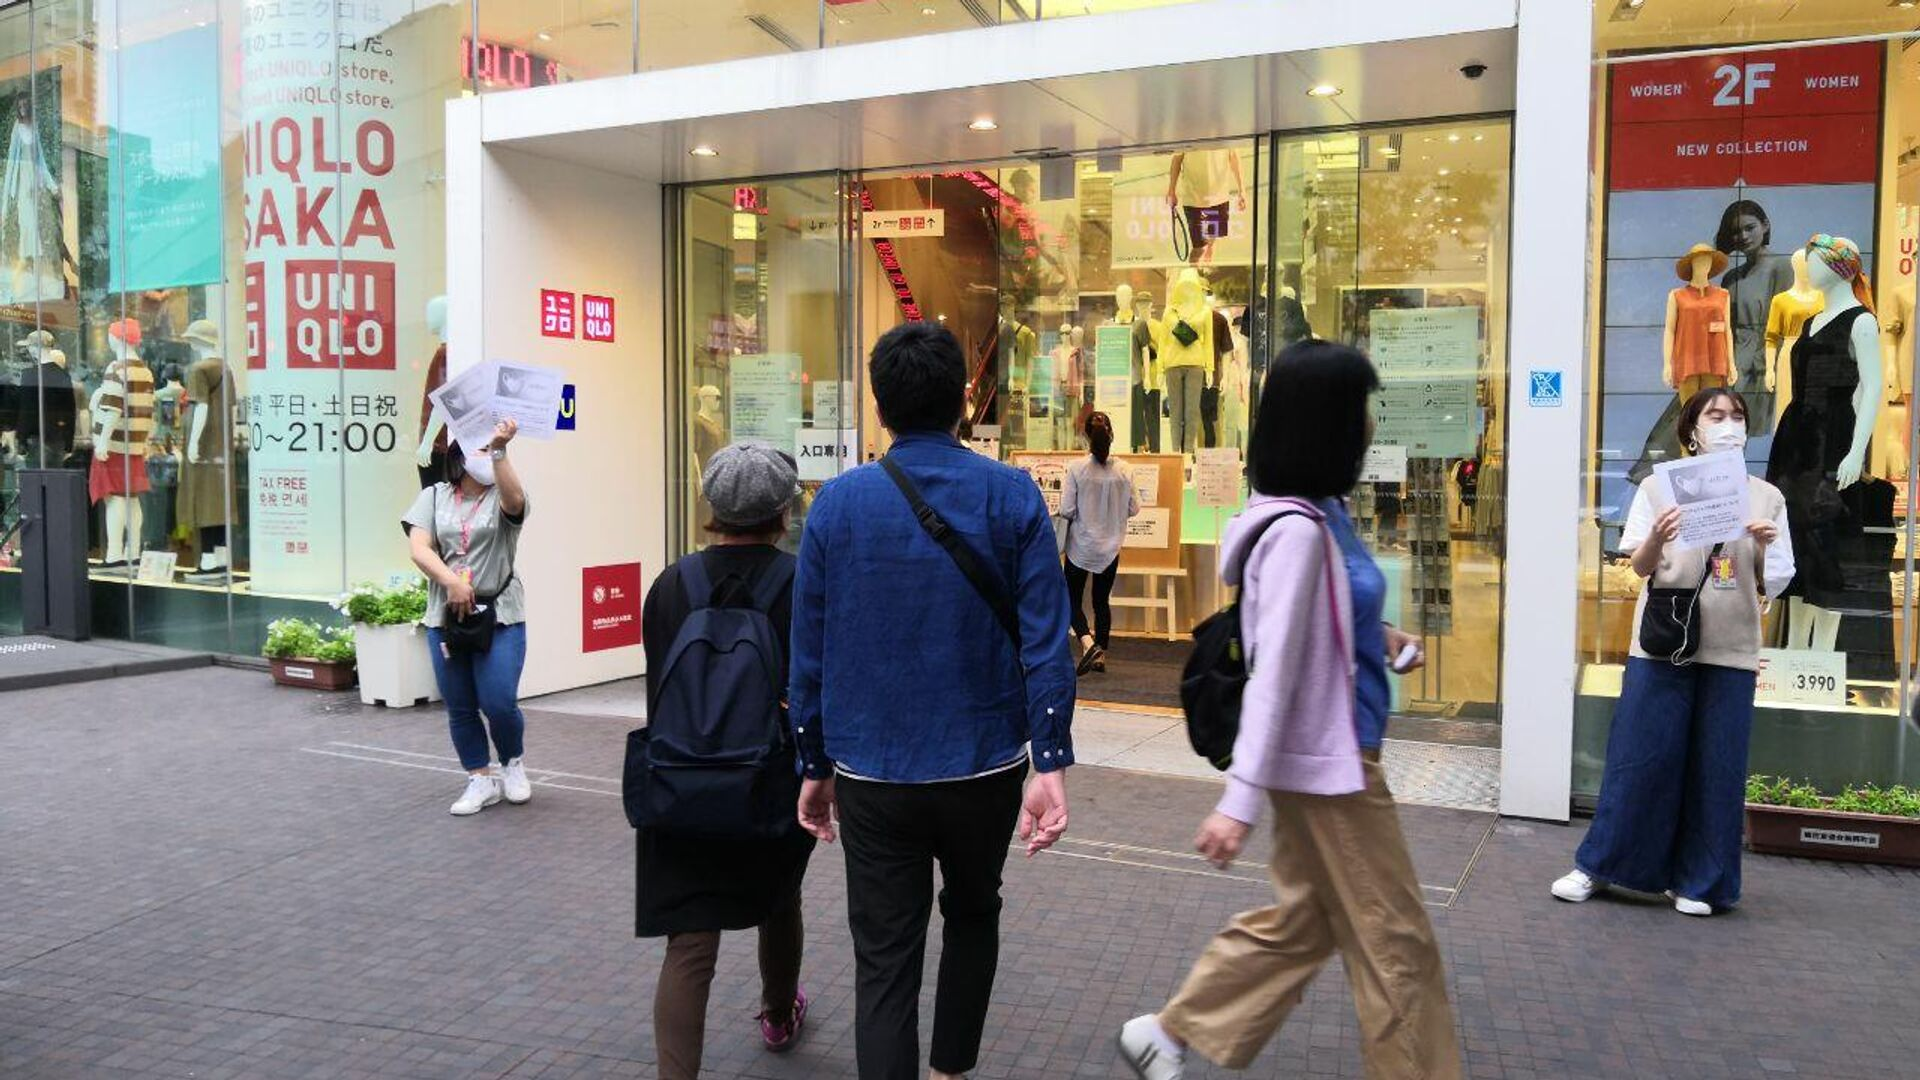 Старт продаж защитных тканевых масок в магазинах Uniqlo по всей Японии - РИА Новости, 1920, 16.01.2021